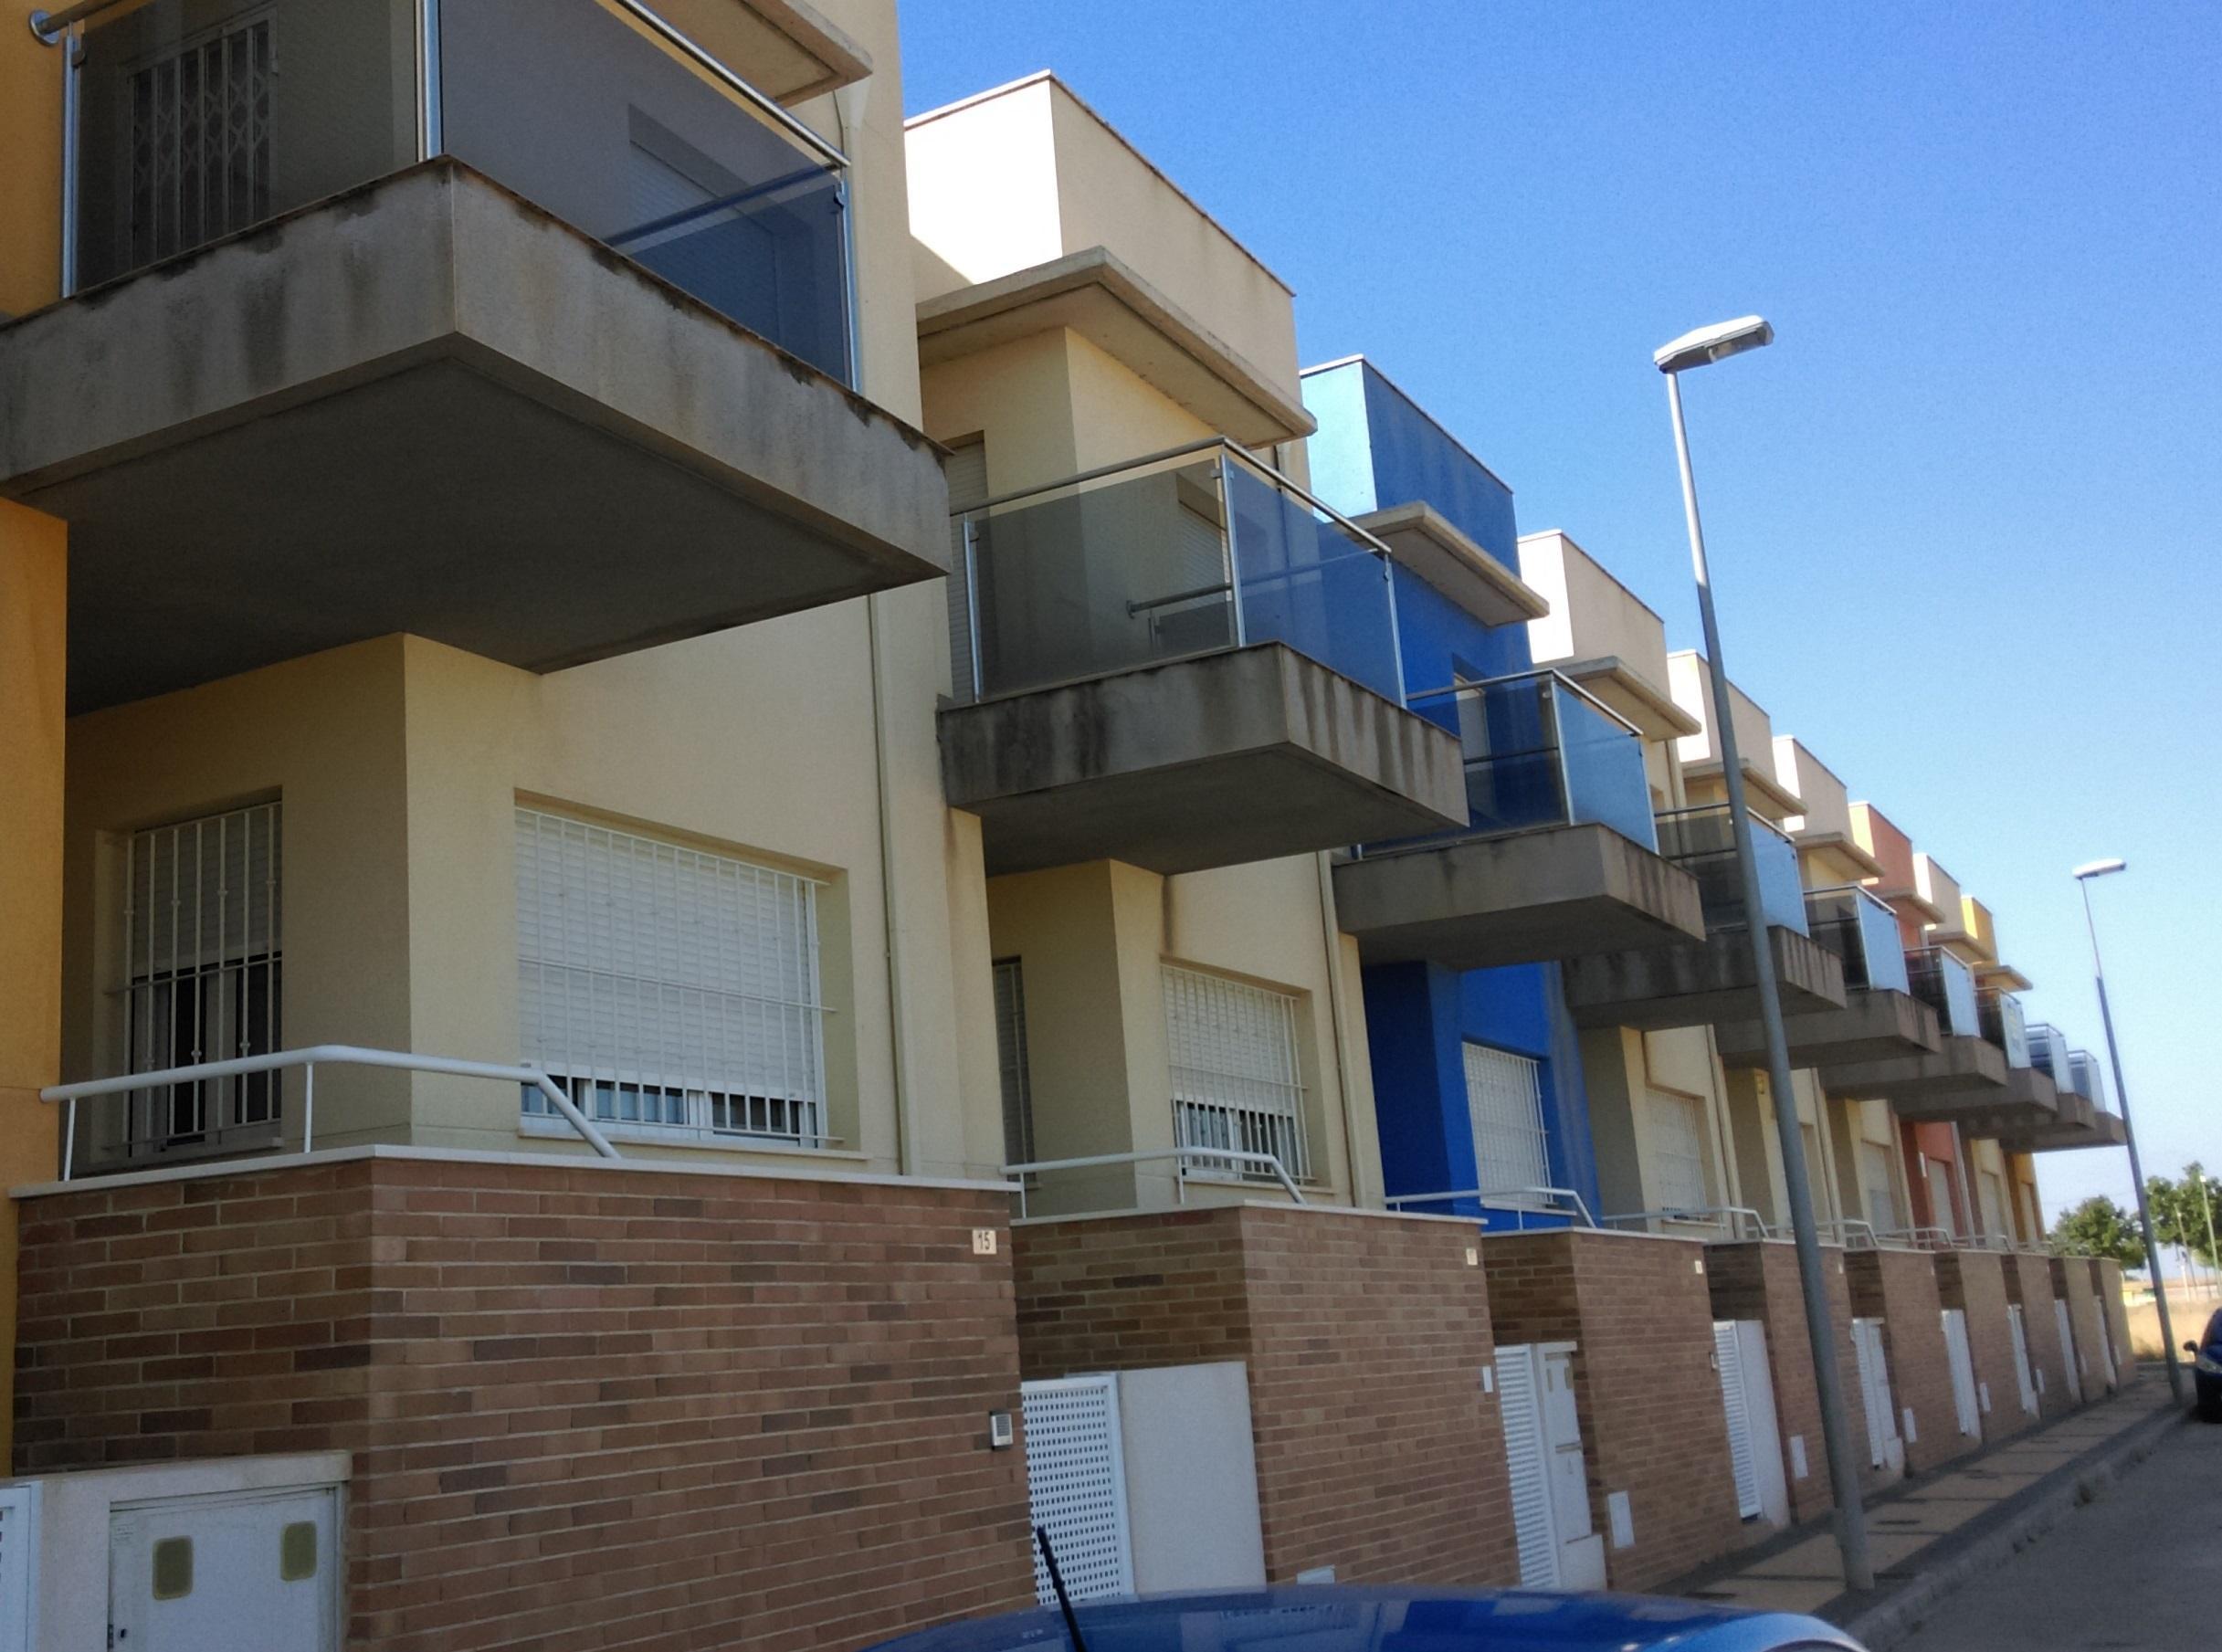 Casa en venta en Jimenado, Torre-pacheco, Murcia, Calle Mirlo, 129.100 €, 4 habitaciones, 2 baños, 209 m2